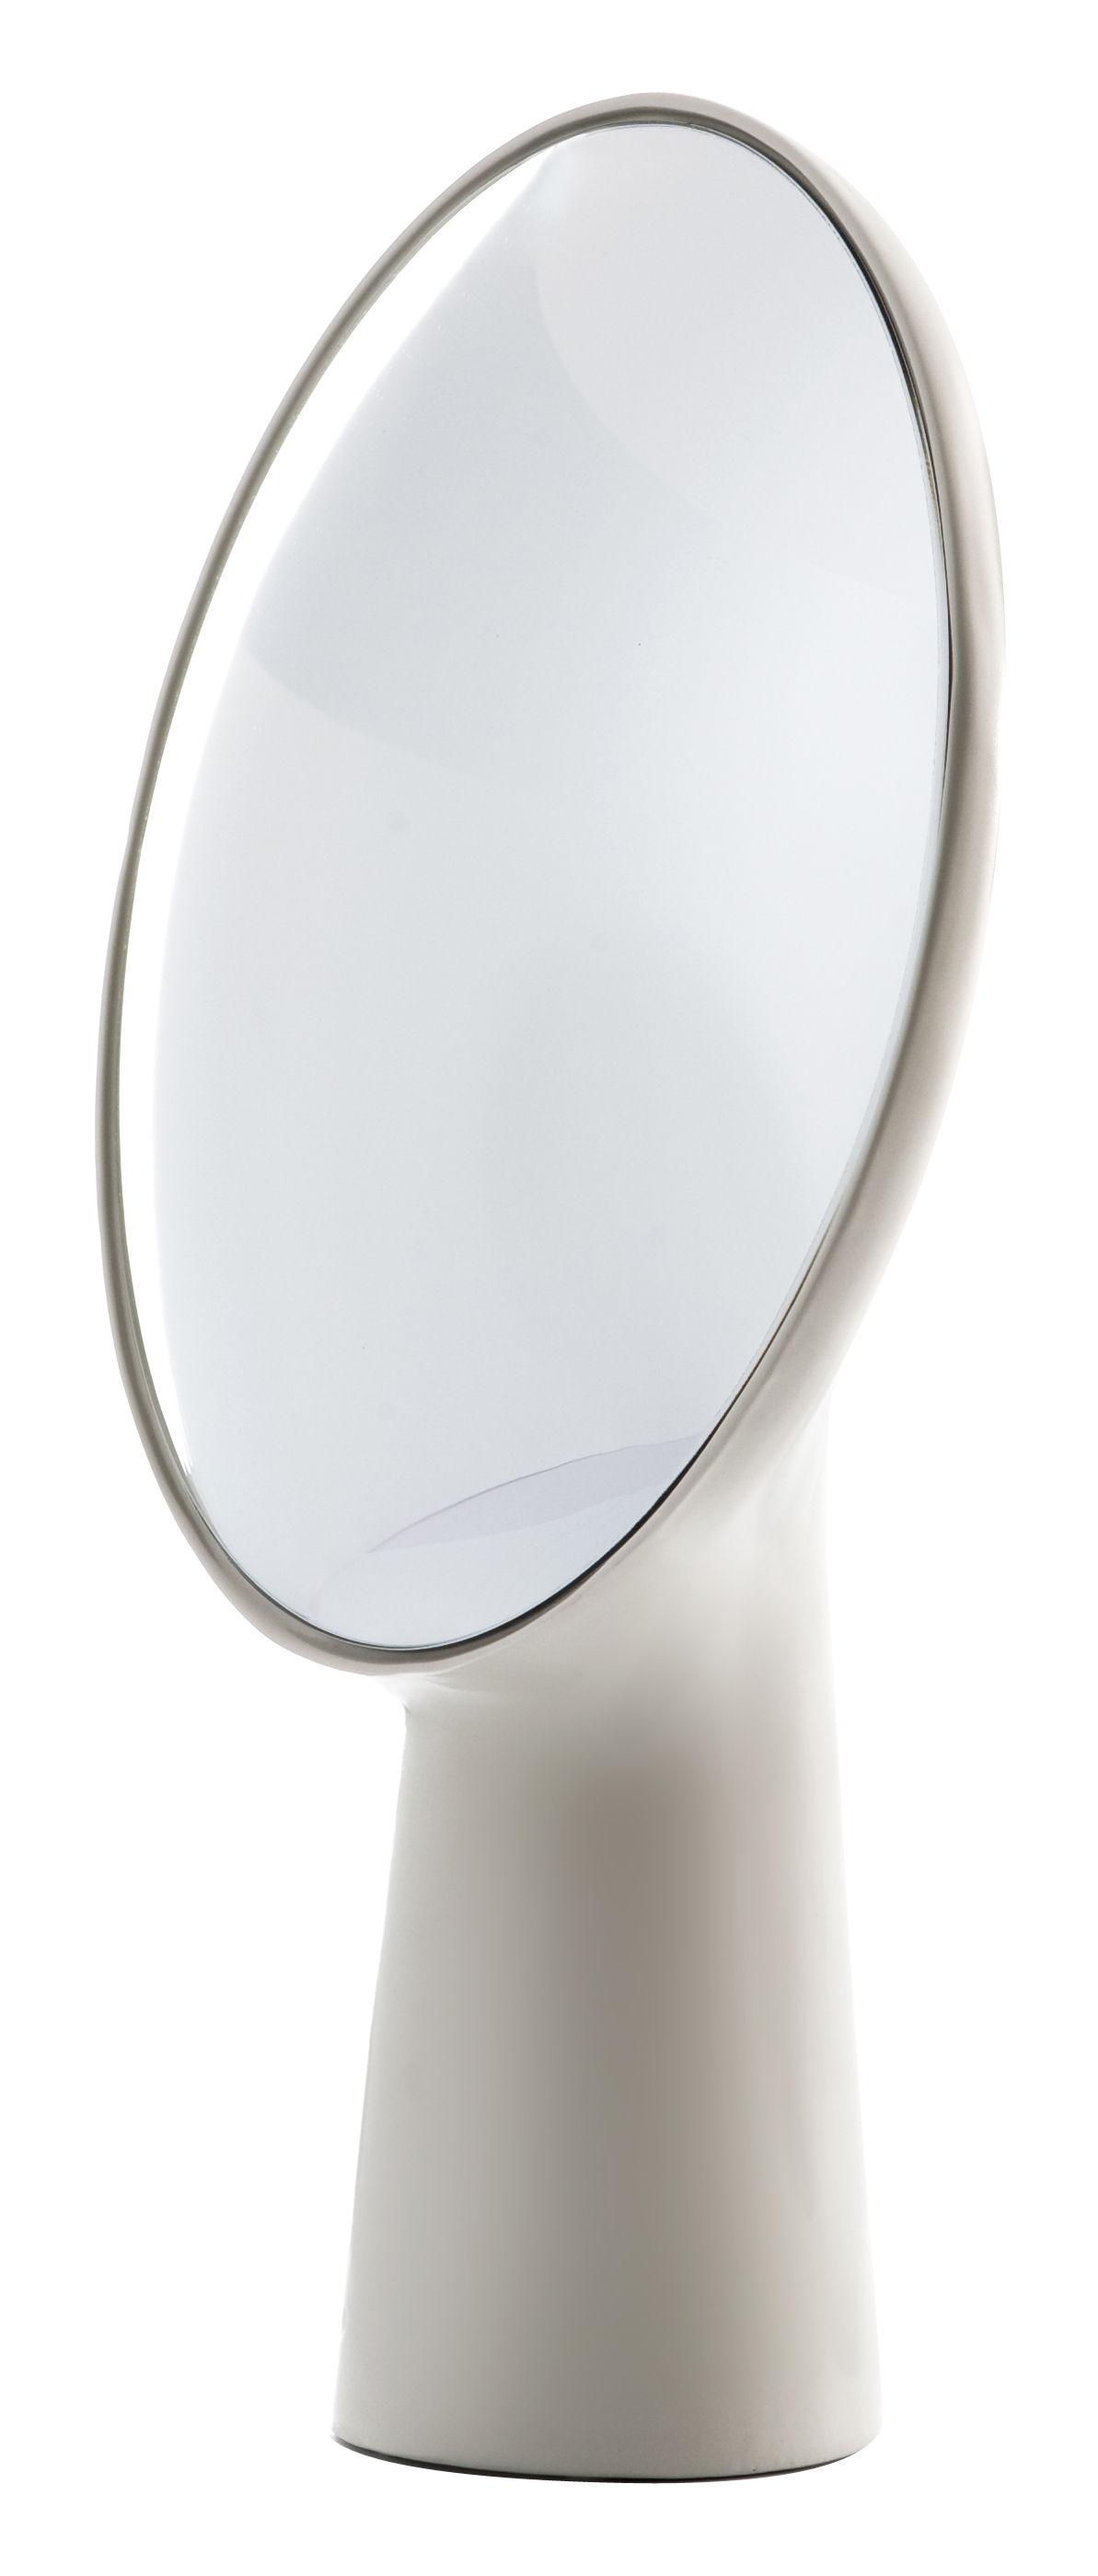 Möbel - Spiegel - Cyclope Stellspiegel zum stellen - H 46,5 cm - Moustache - Ecru - emailliertes Terrakotta